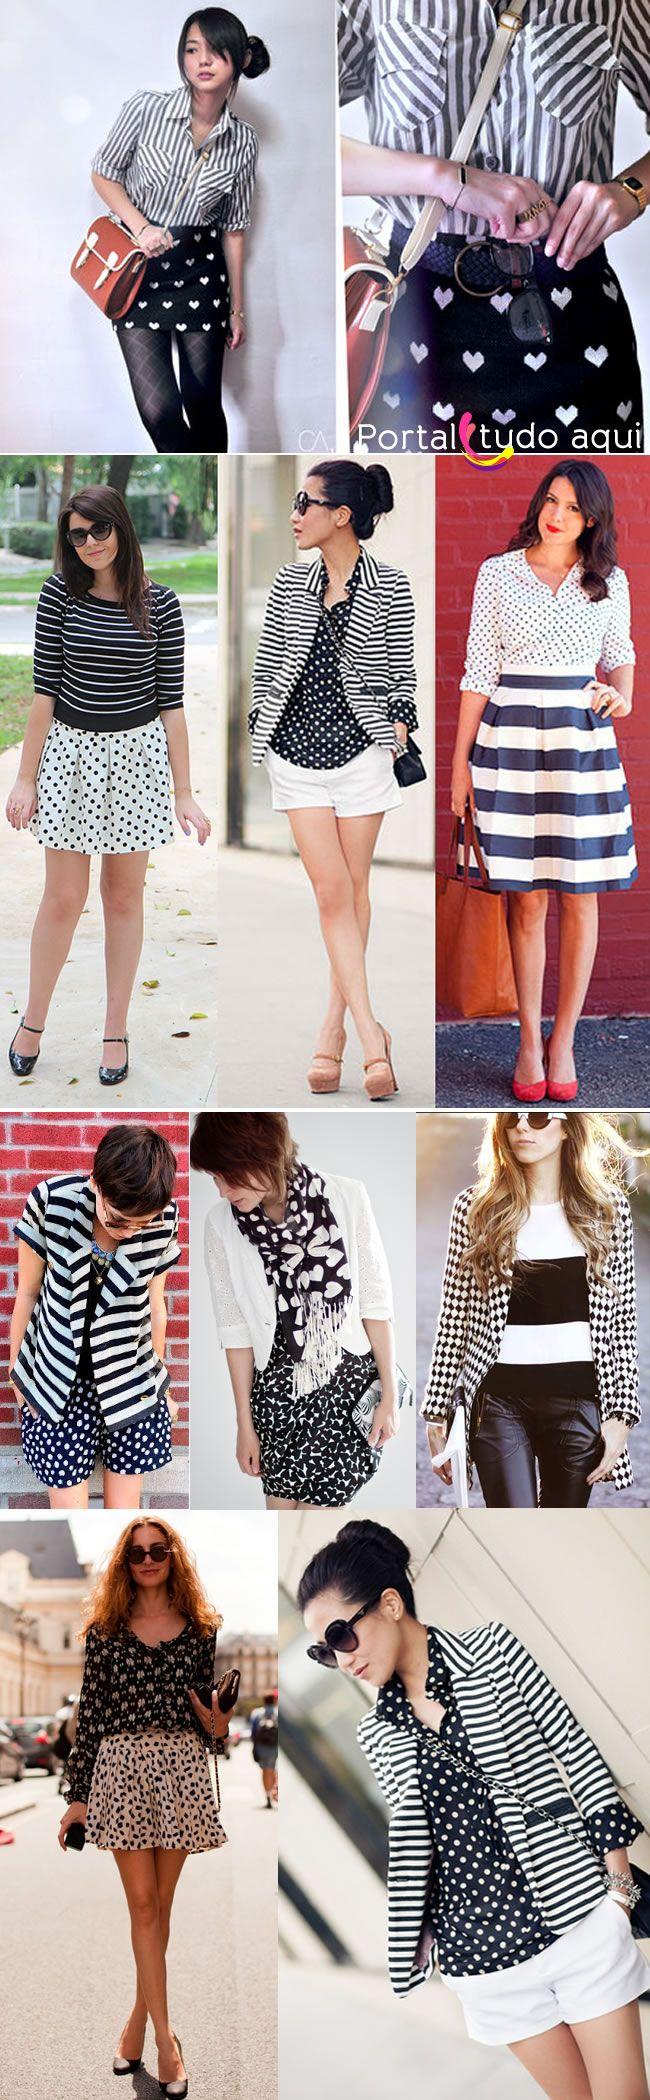 Mix de estampas preto e branco é tendência para a primavera verão 2014   Portal Tudo Aqui